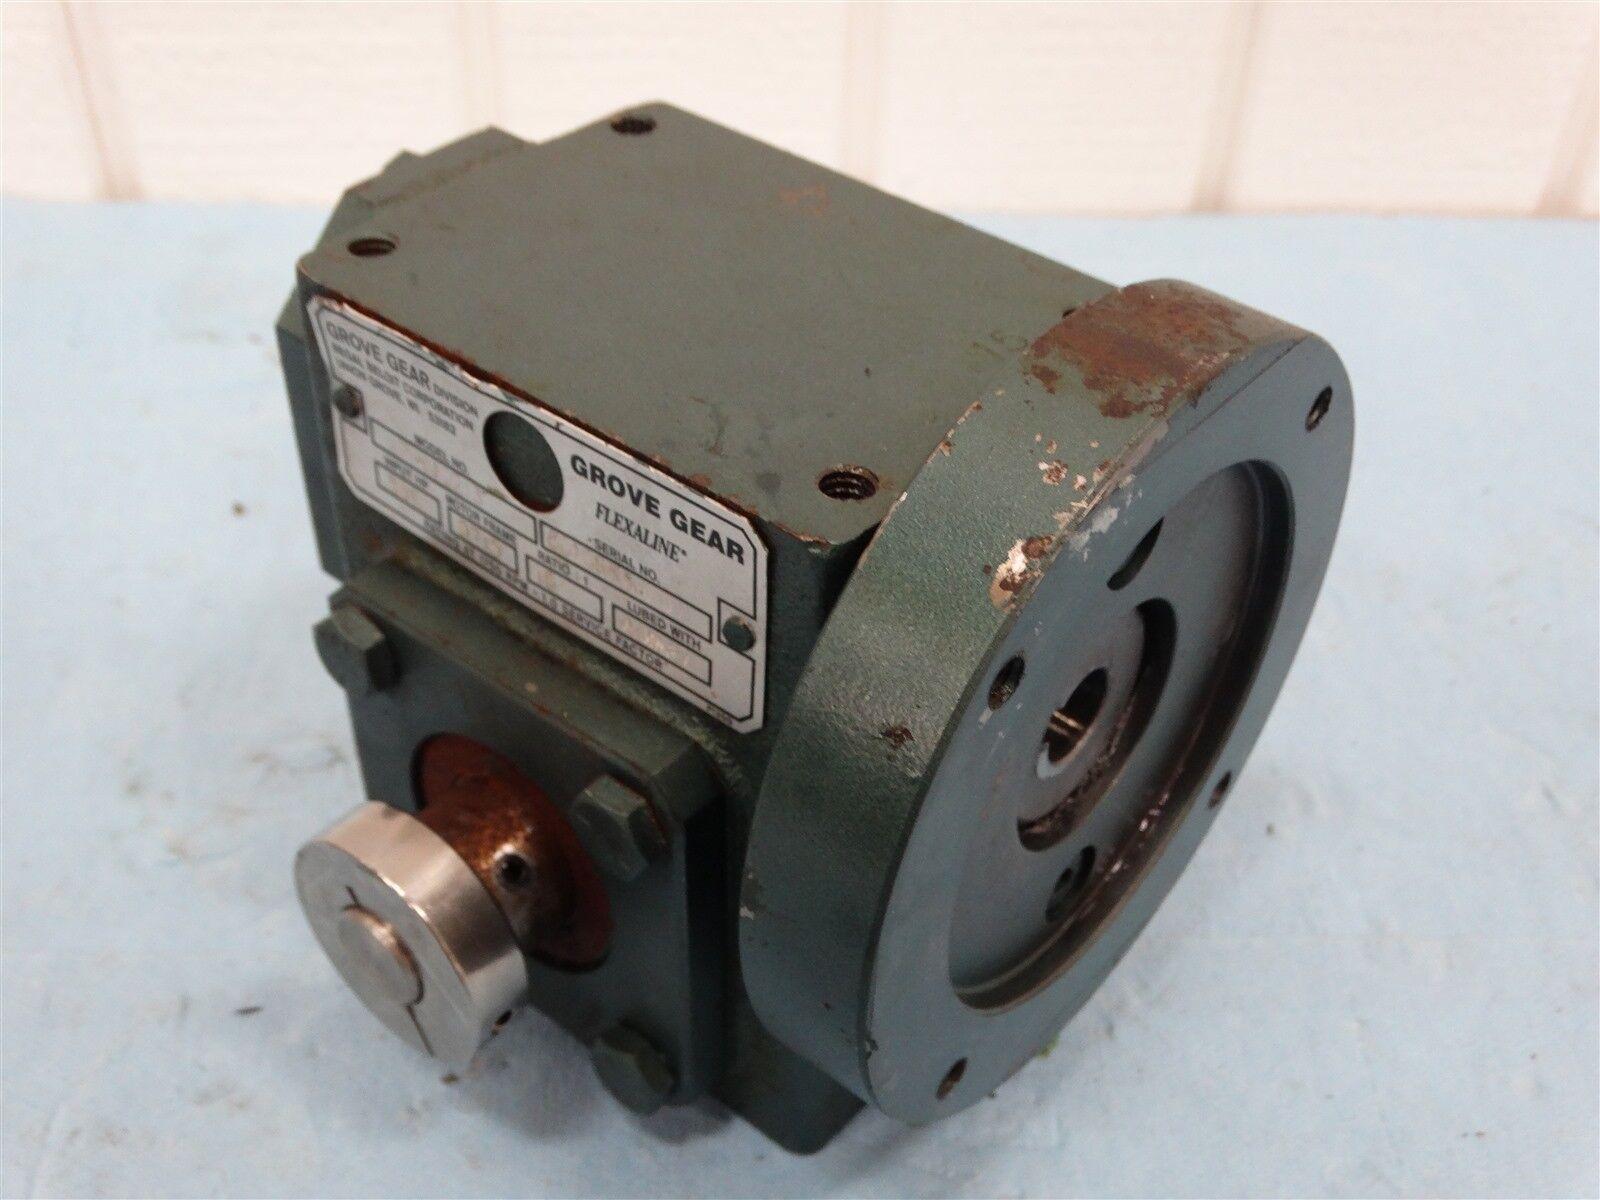 Grove Gear SP HMQ213 Gearbox Reducer 15:1, 0.551 HP Input, 1750 RPM Rating